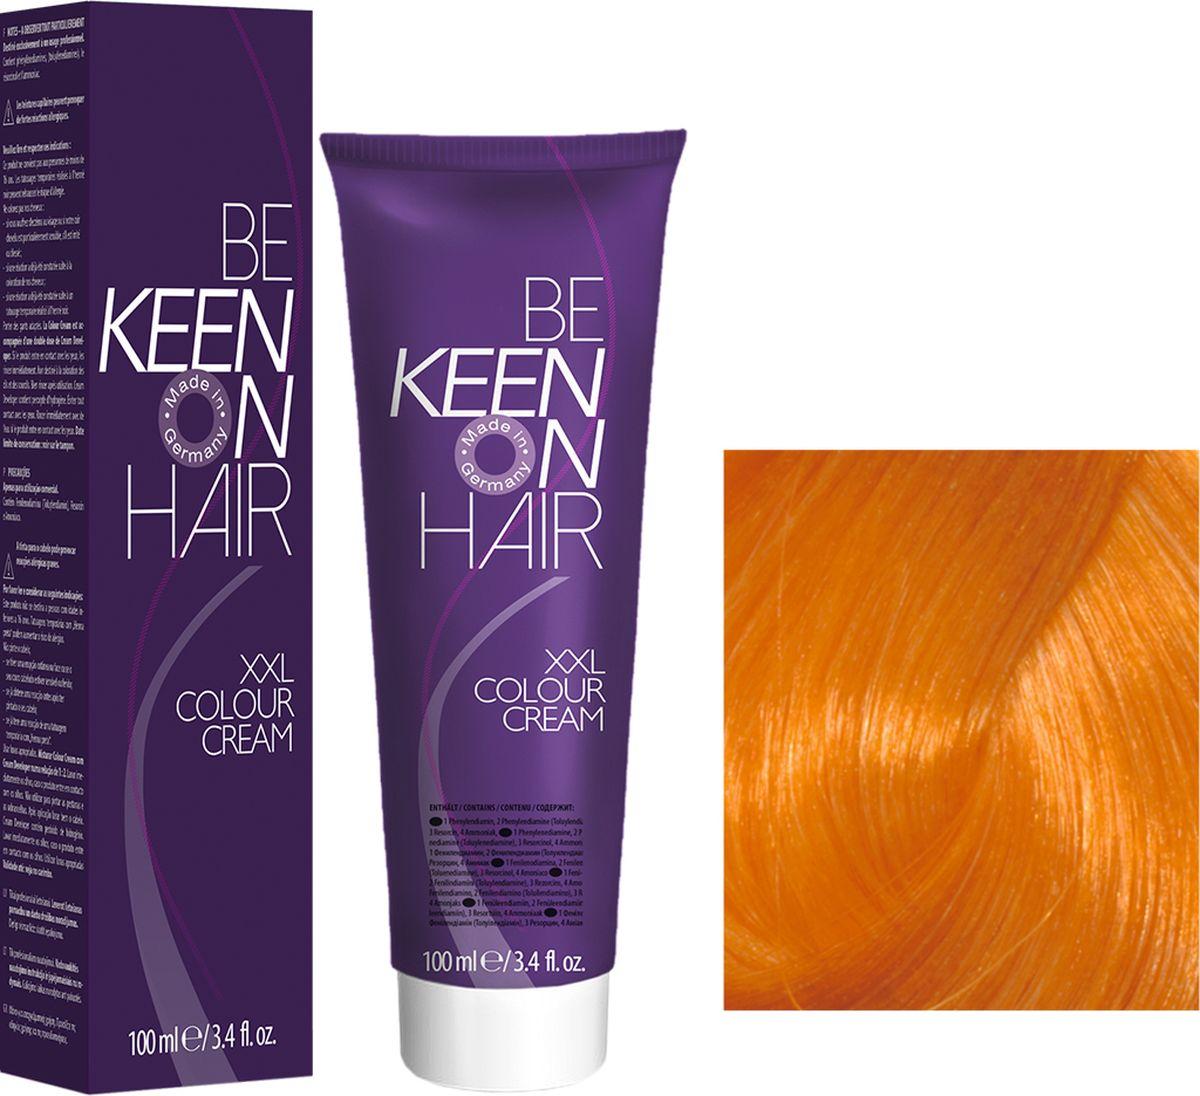 Keen Краска для волос 0.3 Золотой Mixton Gold, 100 мл69100002МИКСТОНА используют для:Усиления интенсивности соответствующих цветовых нюансовКорректировки цветаИзменения направления цвета